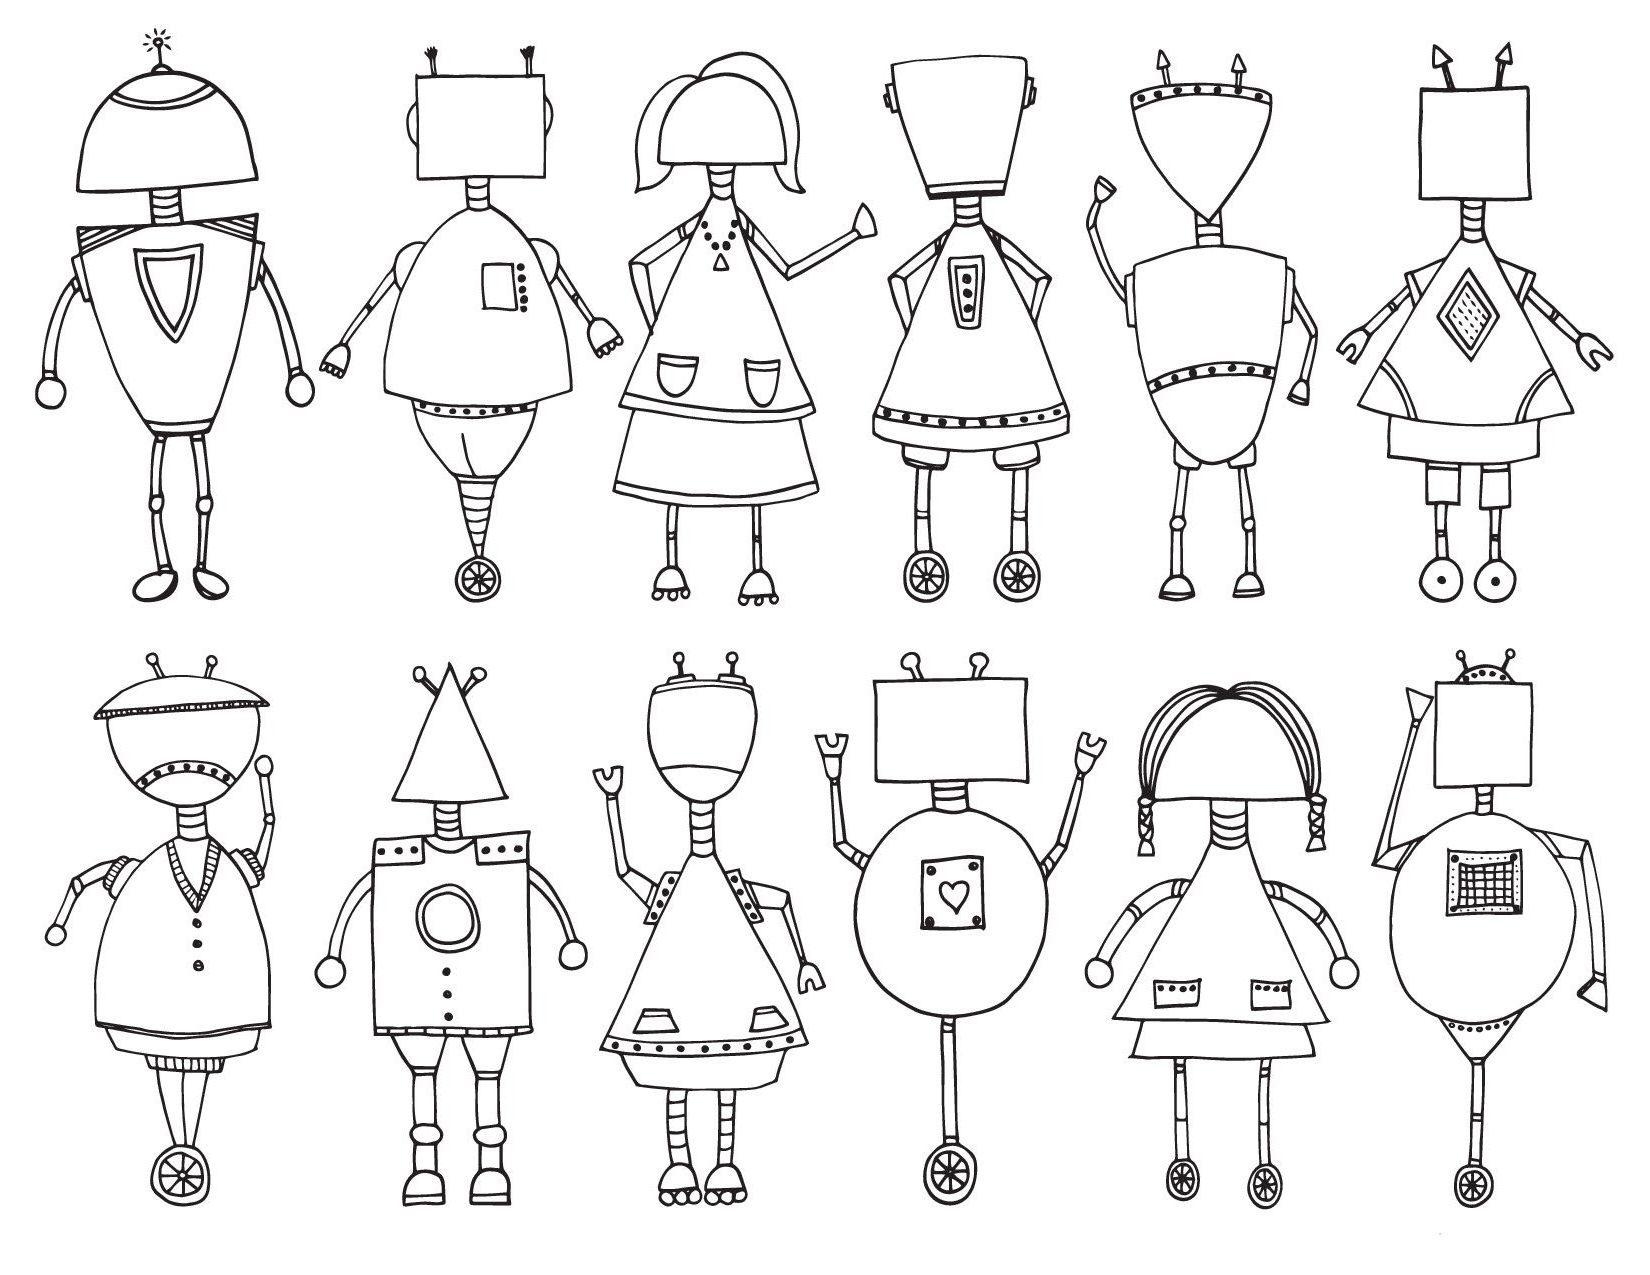 роботы разного вида для мальчиков раскраски антистресс